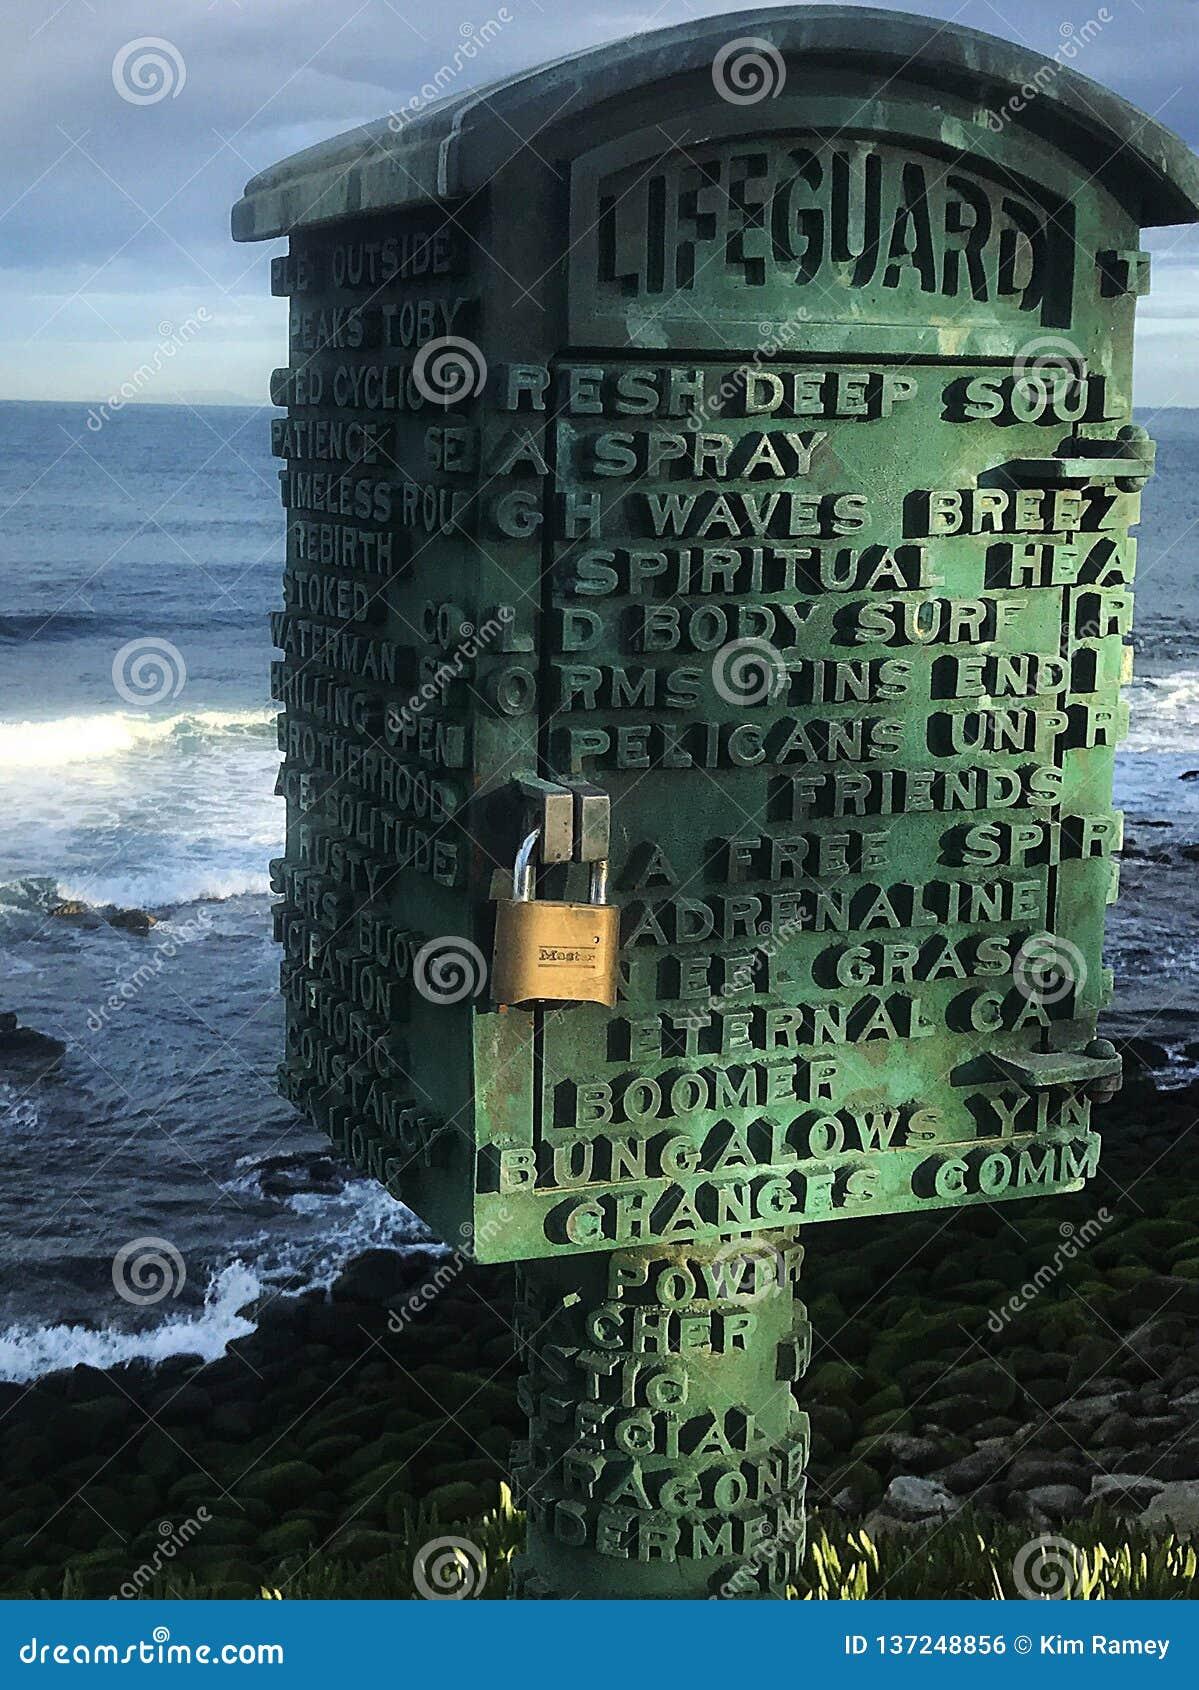 Les lockboxes de maître nageur fournissent l intérêt visuel le long de la plage dans La Jolla en janvier 2018